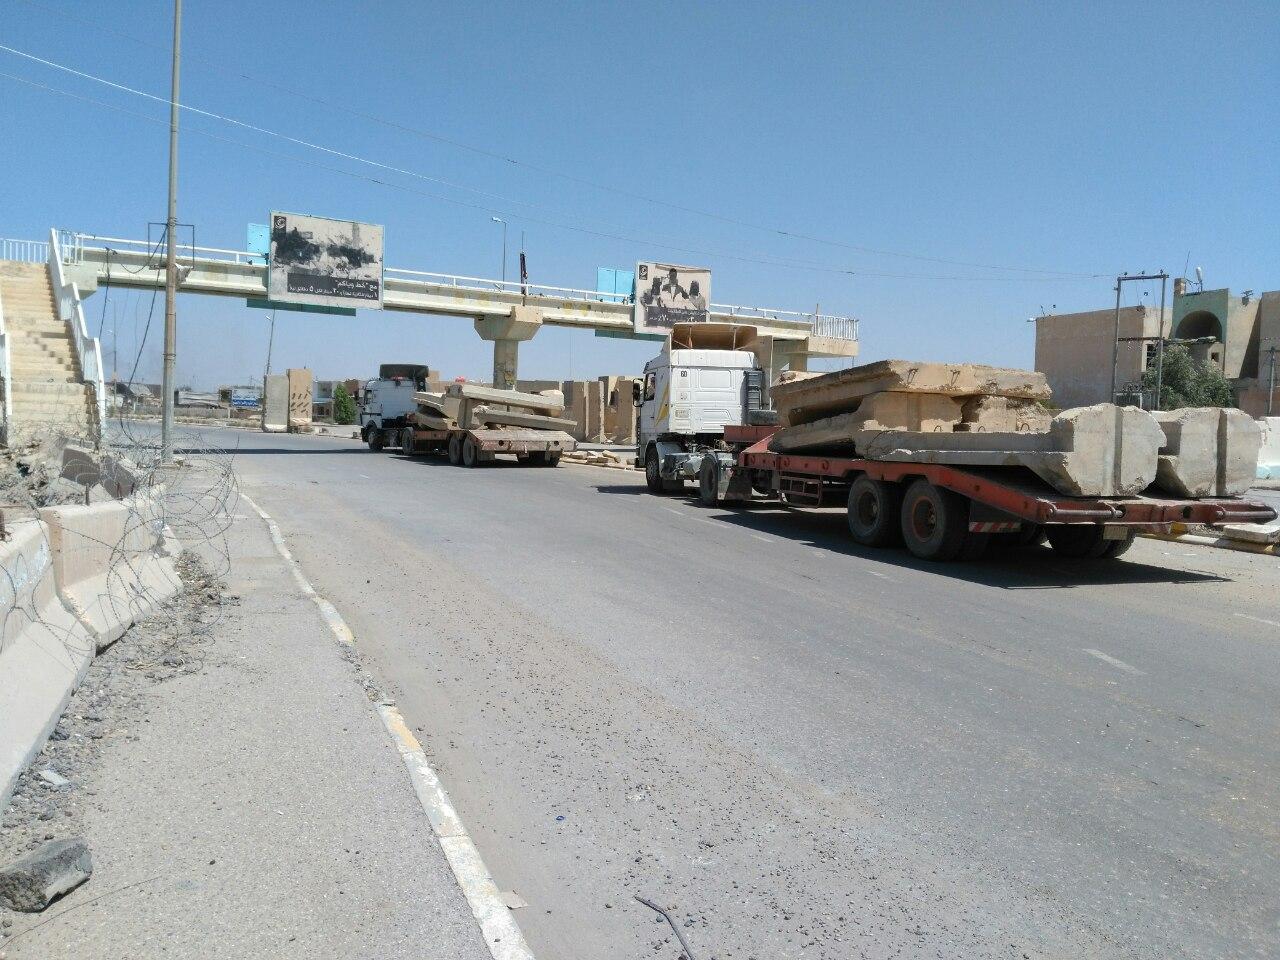 مسؤول محلي: باشرنا برفع 10 آلاف حاجز كونكريتي من شوارع الرمادي